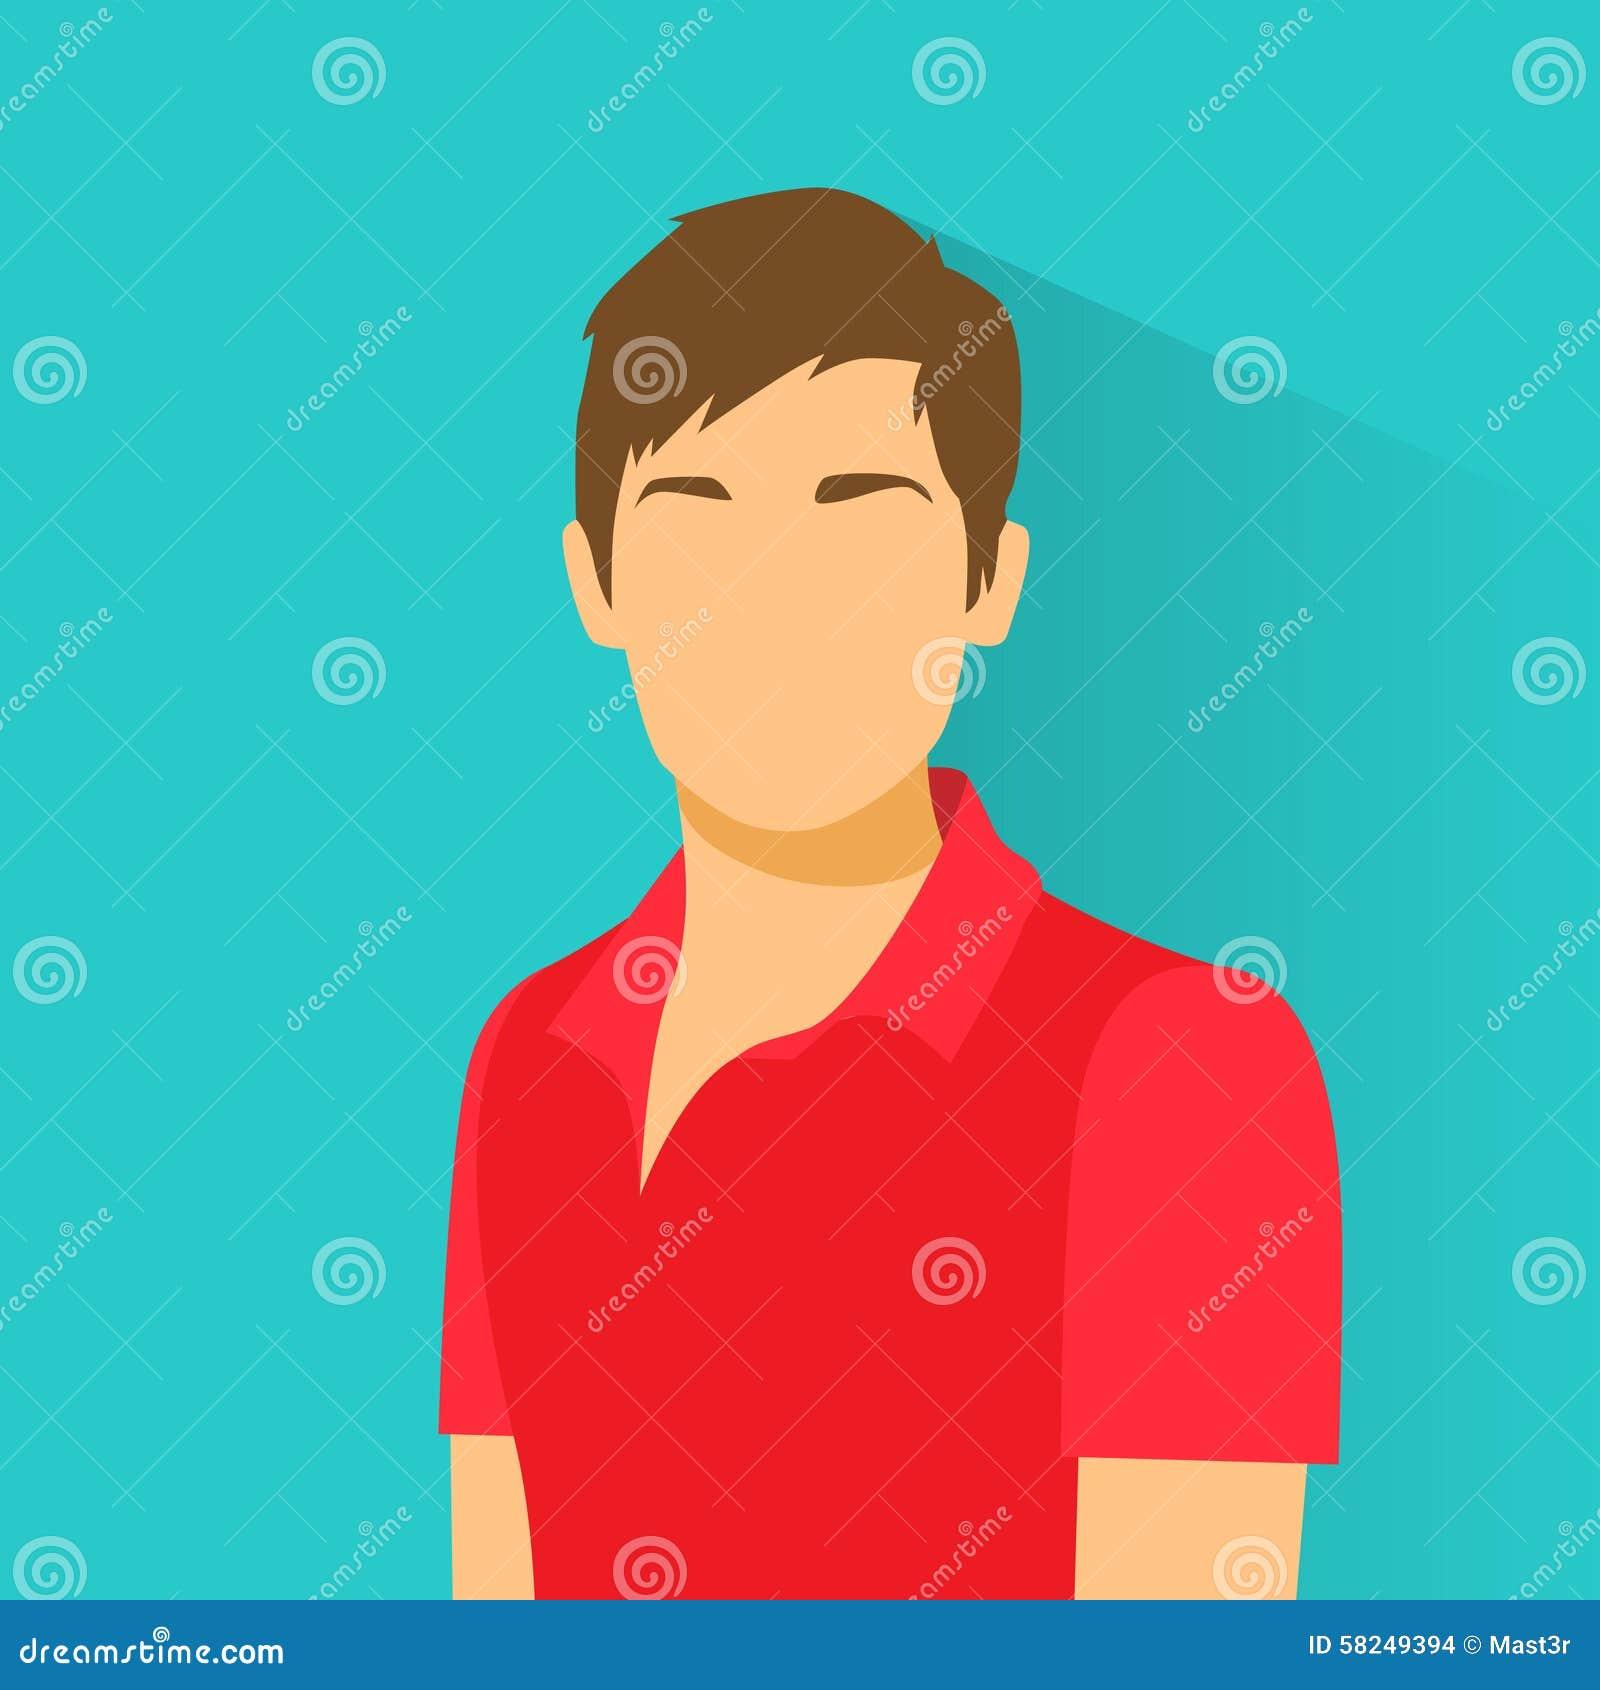 Profile Avatar: Profile Icon Male Avatar Portrait Casual Person Stock